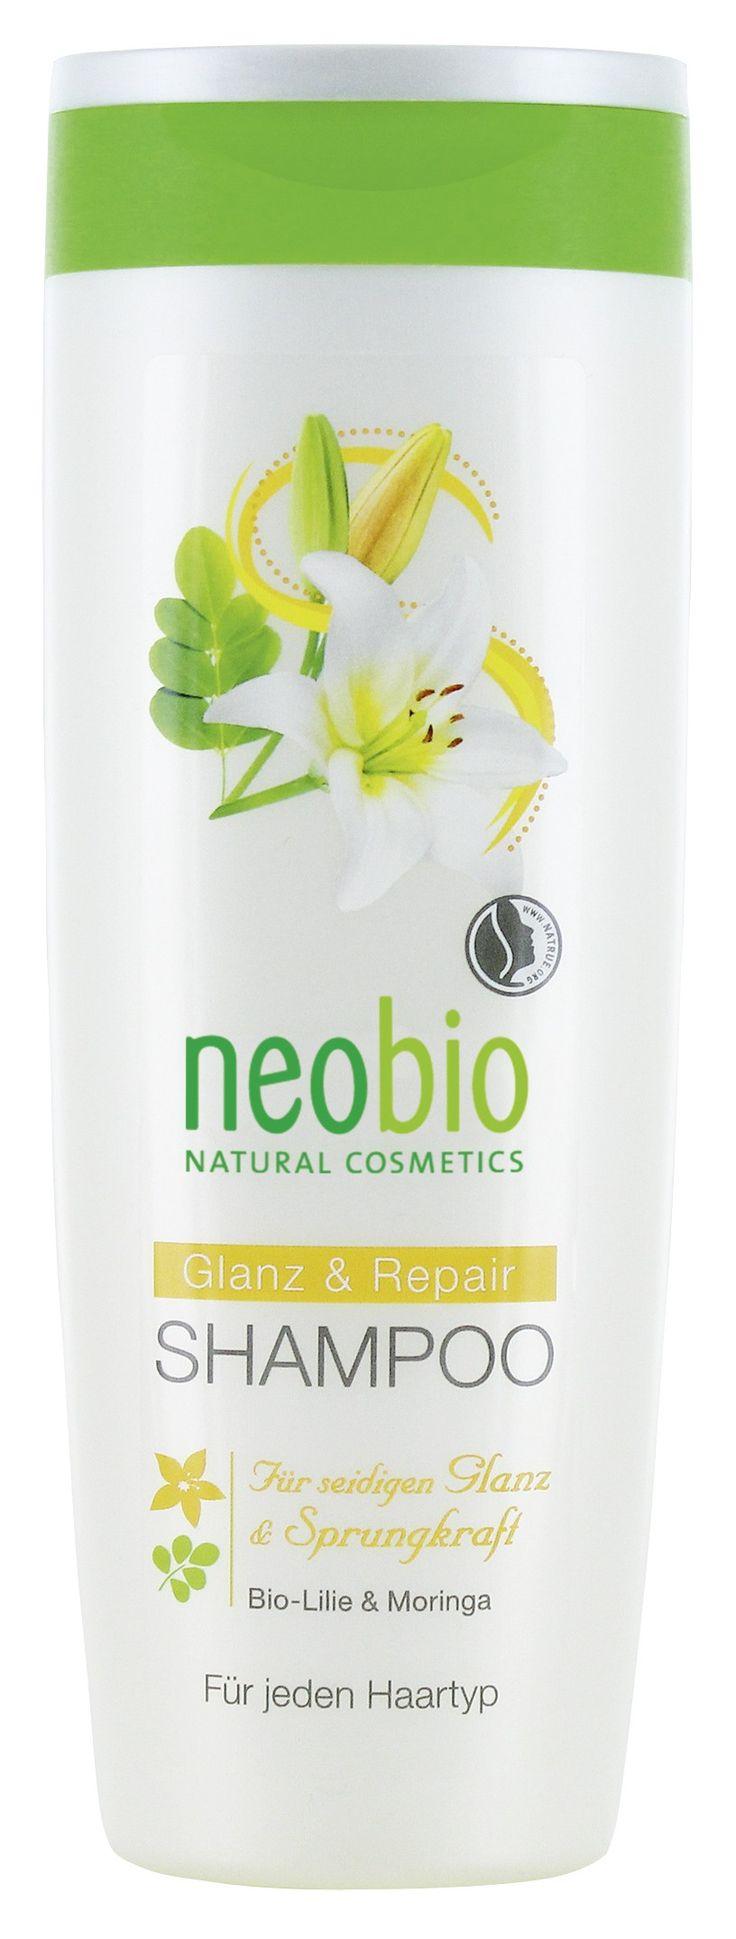 Neobio - shampoo lucentezza e riparazione Bio giglio e meringa per capelli setosi